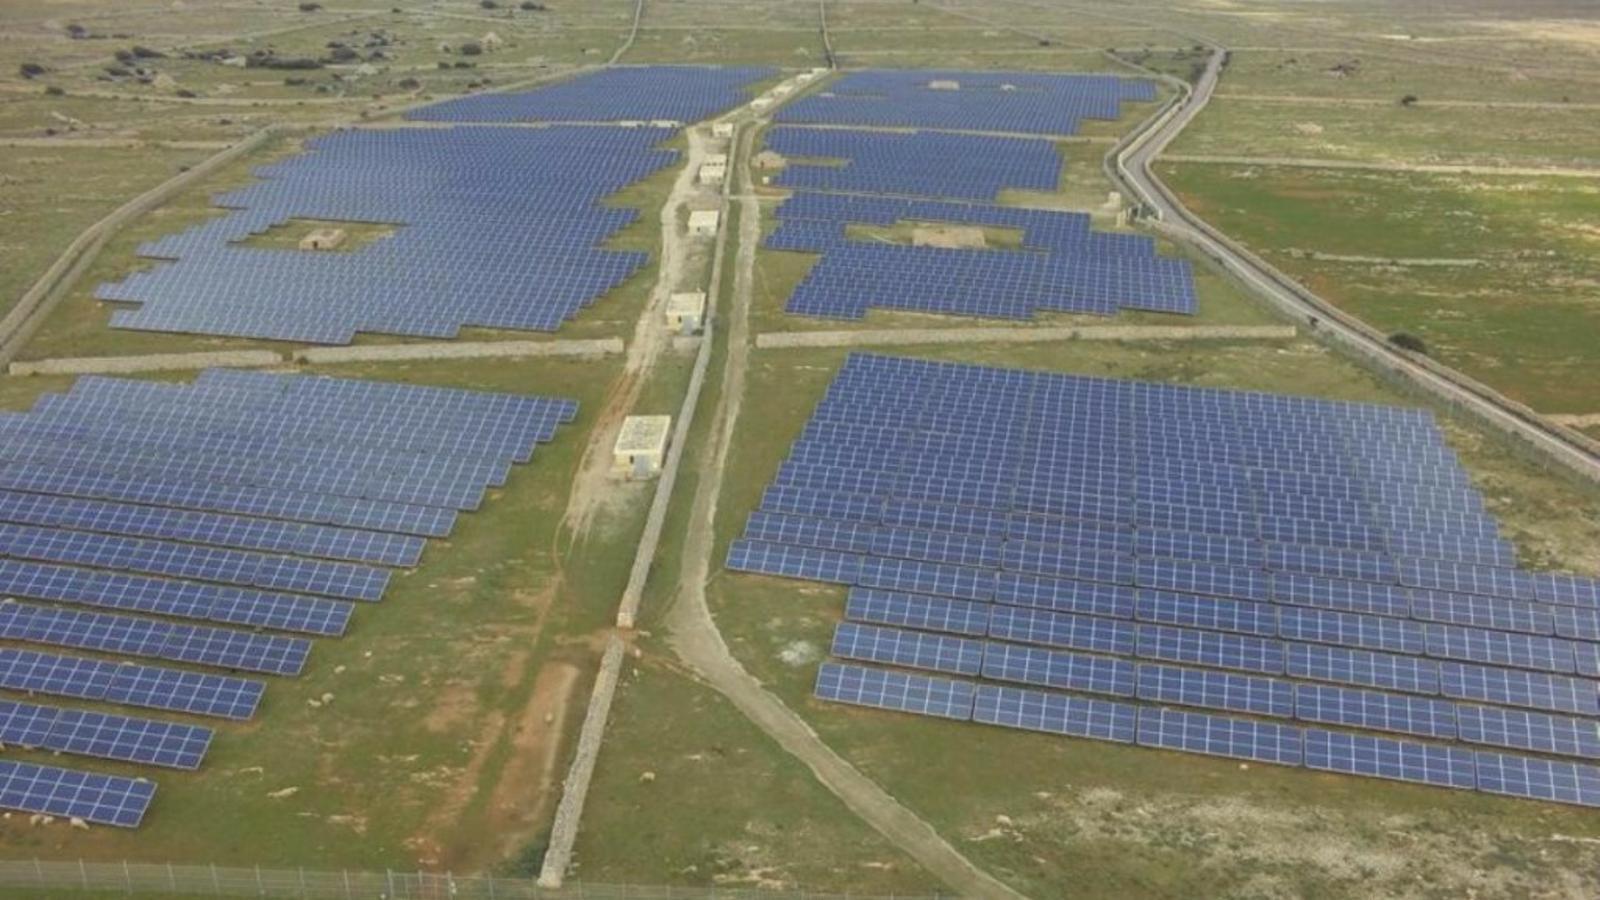 El projecte d'ampliació té l'objectiu de generar el 20% del consum energètic de l'illa.